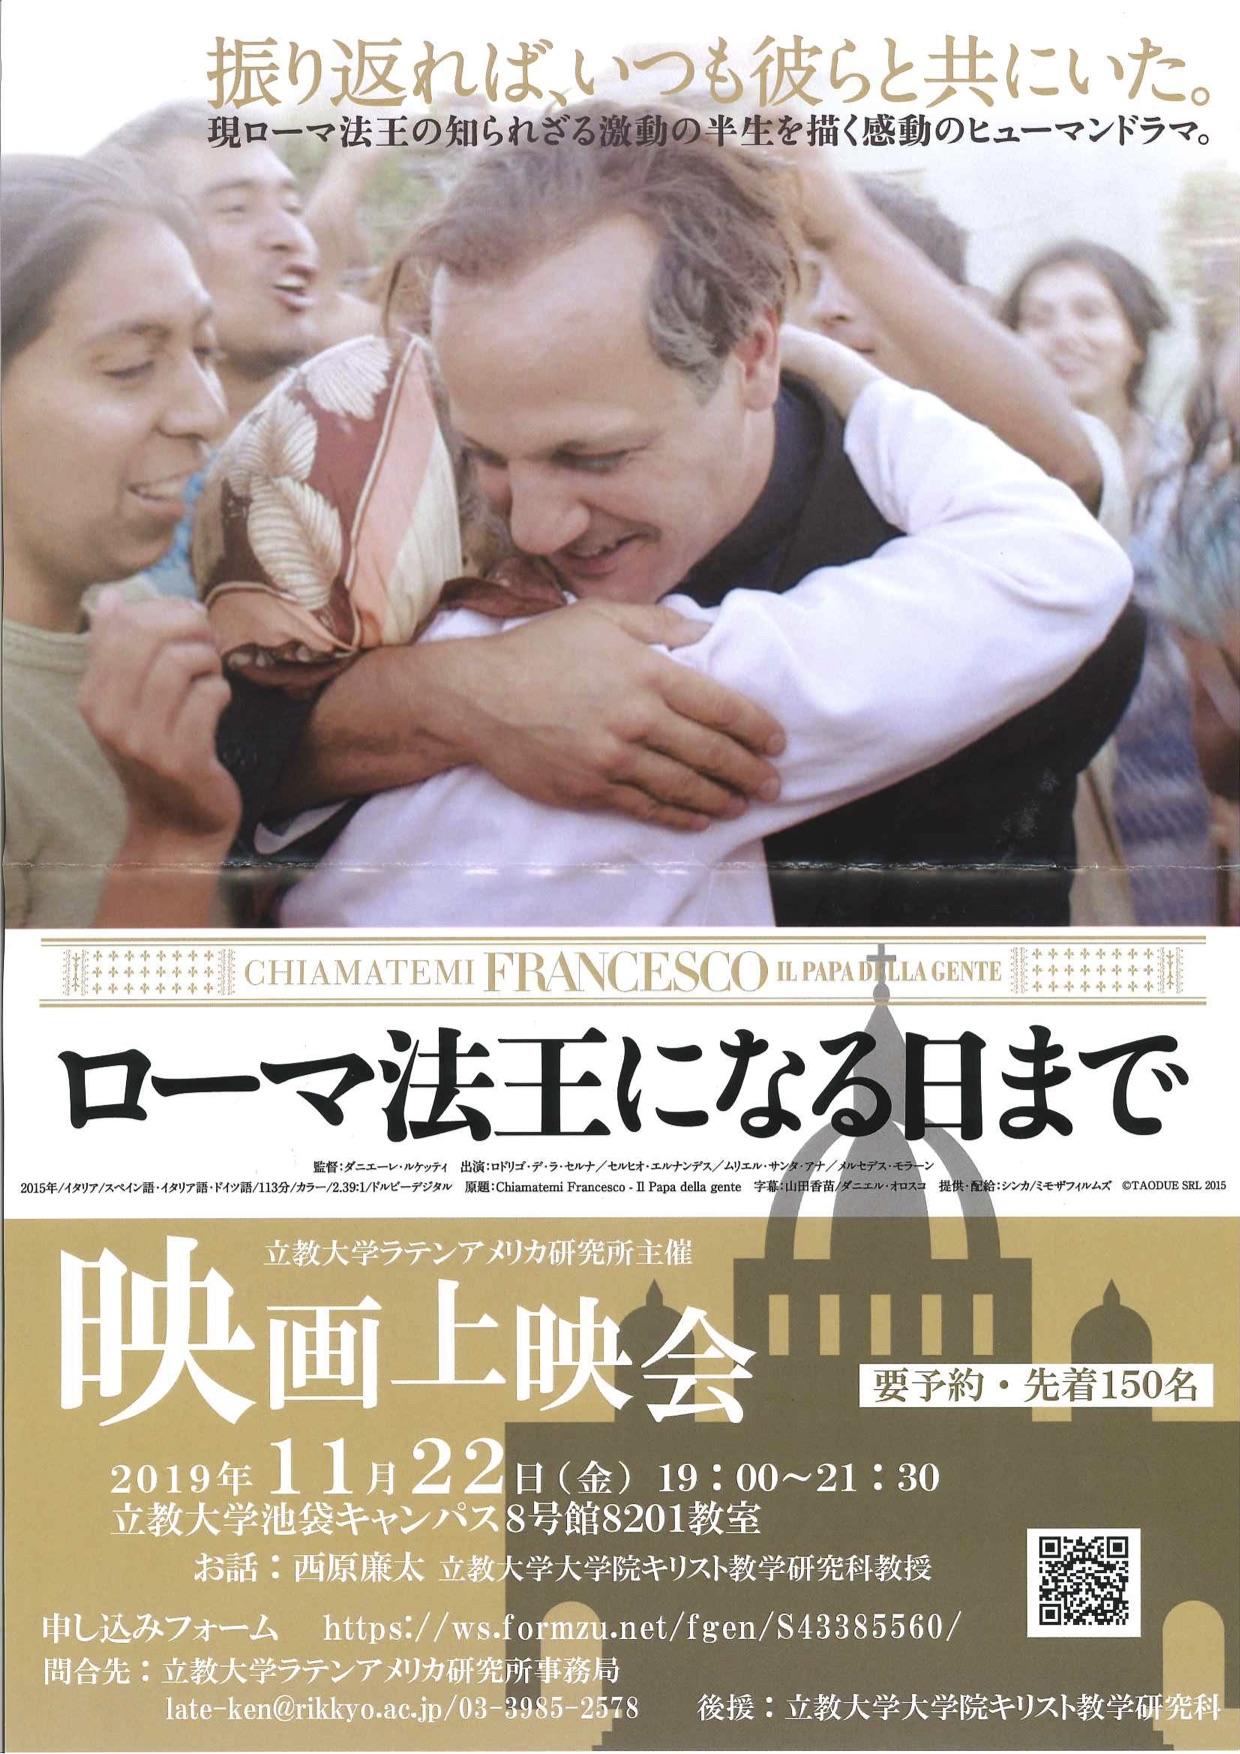 《ローマ法王来日記念11/22よりアンコール上映》『ローマ法王になる日まで』